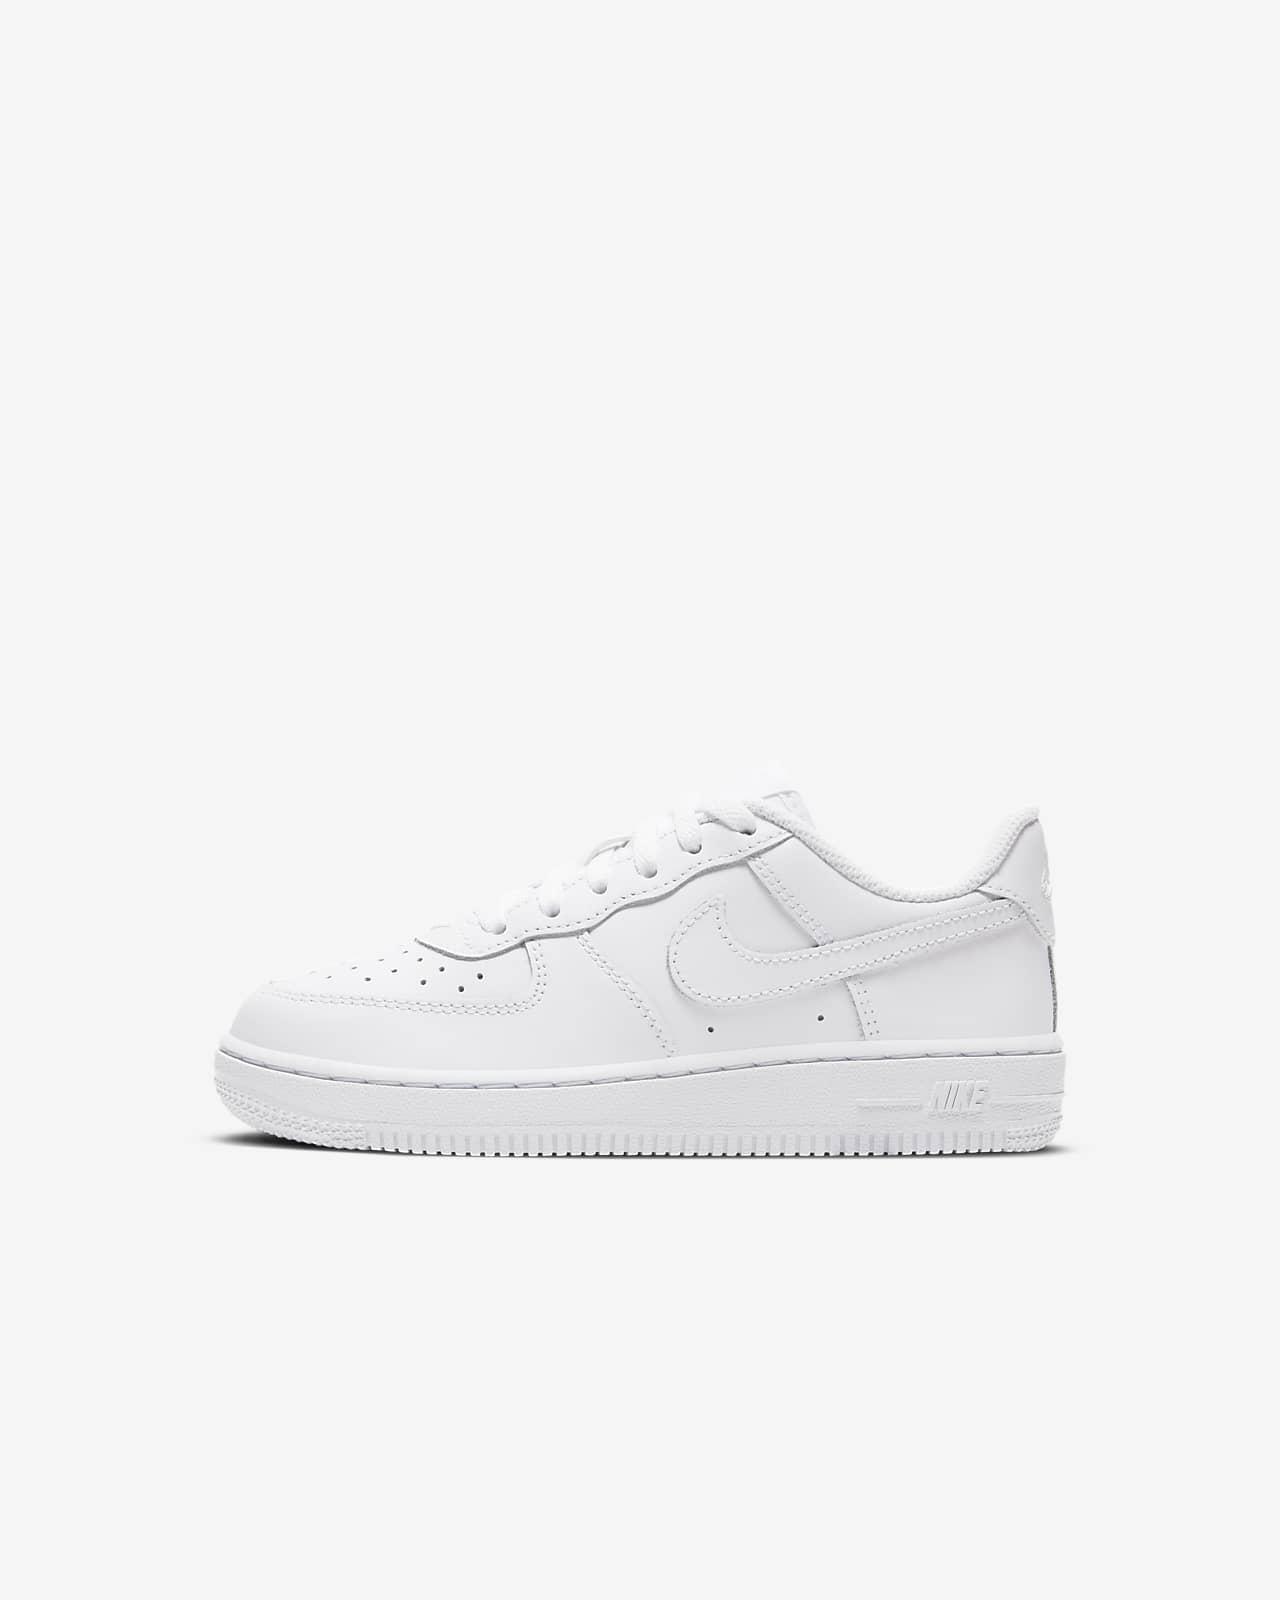 Nike Force 1 LE Schuh für jüngere Kinder